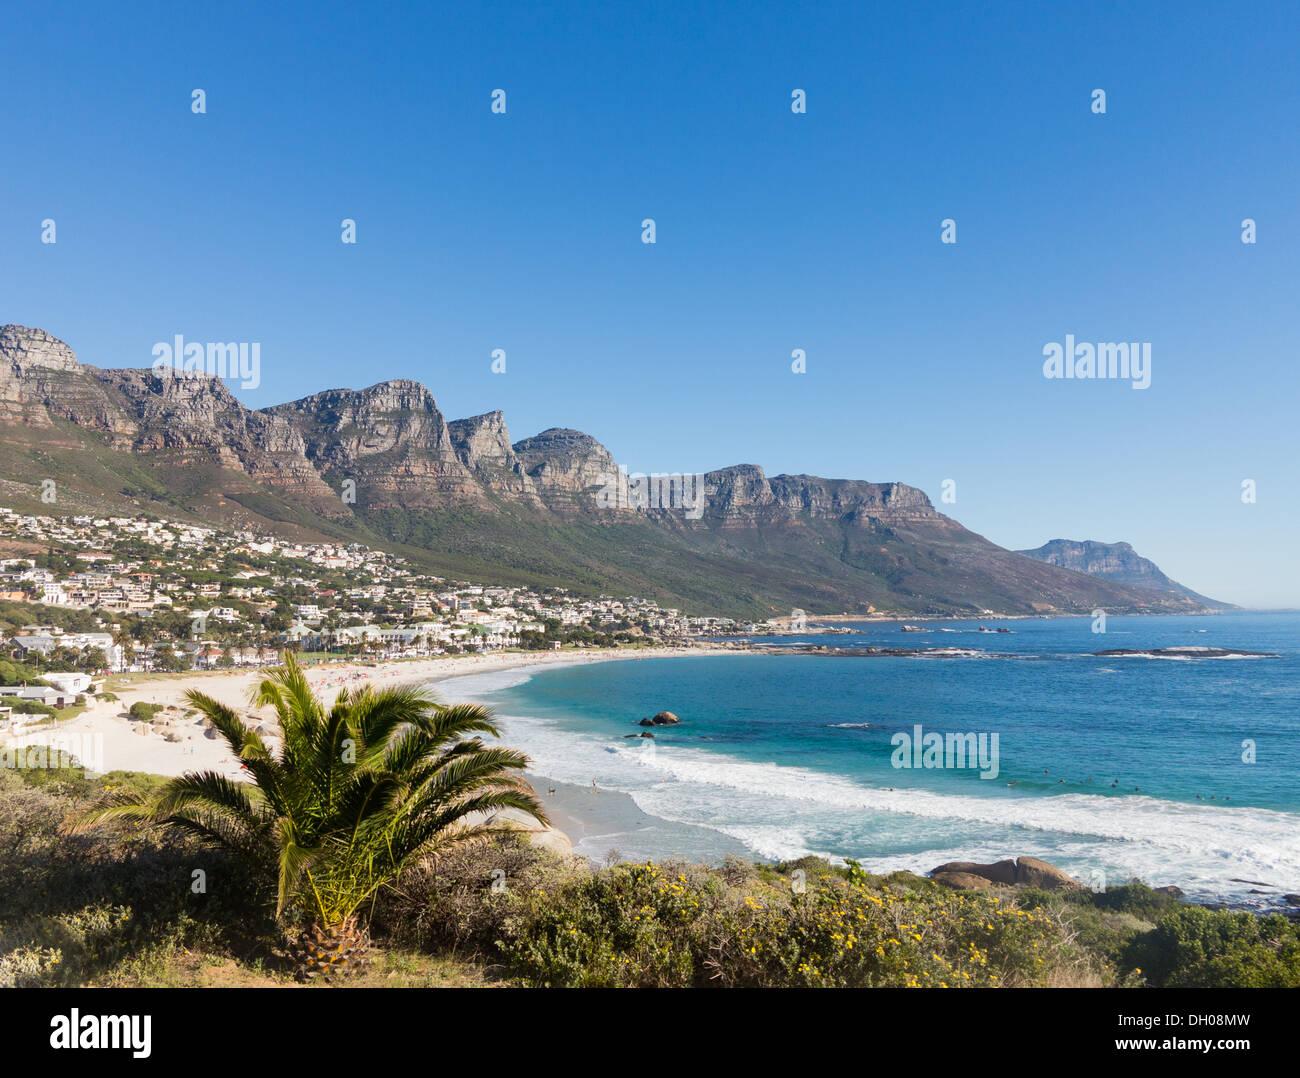 Strand von Camps Bay Kapstadt mit dem Tafelberg im Hintergrund, Südafrika Küste Stockbild